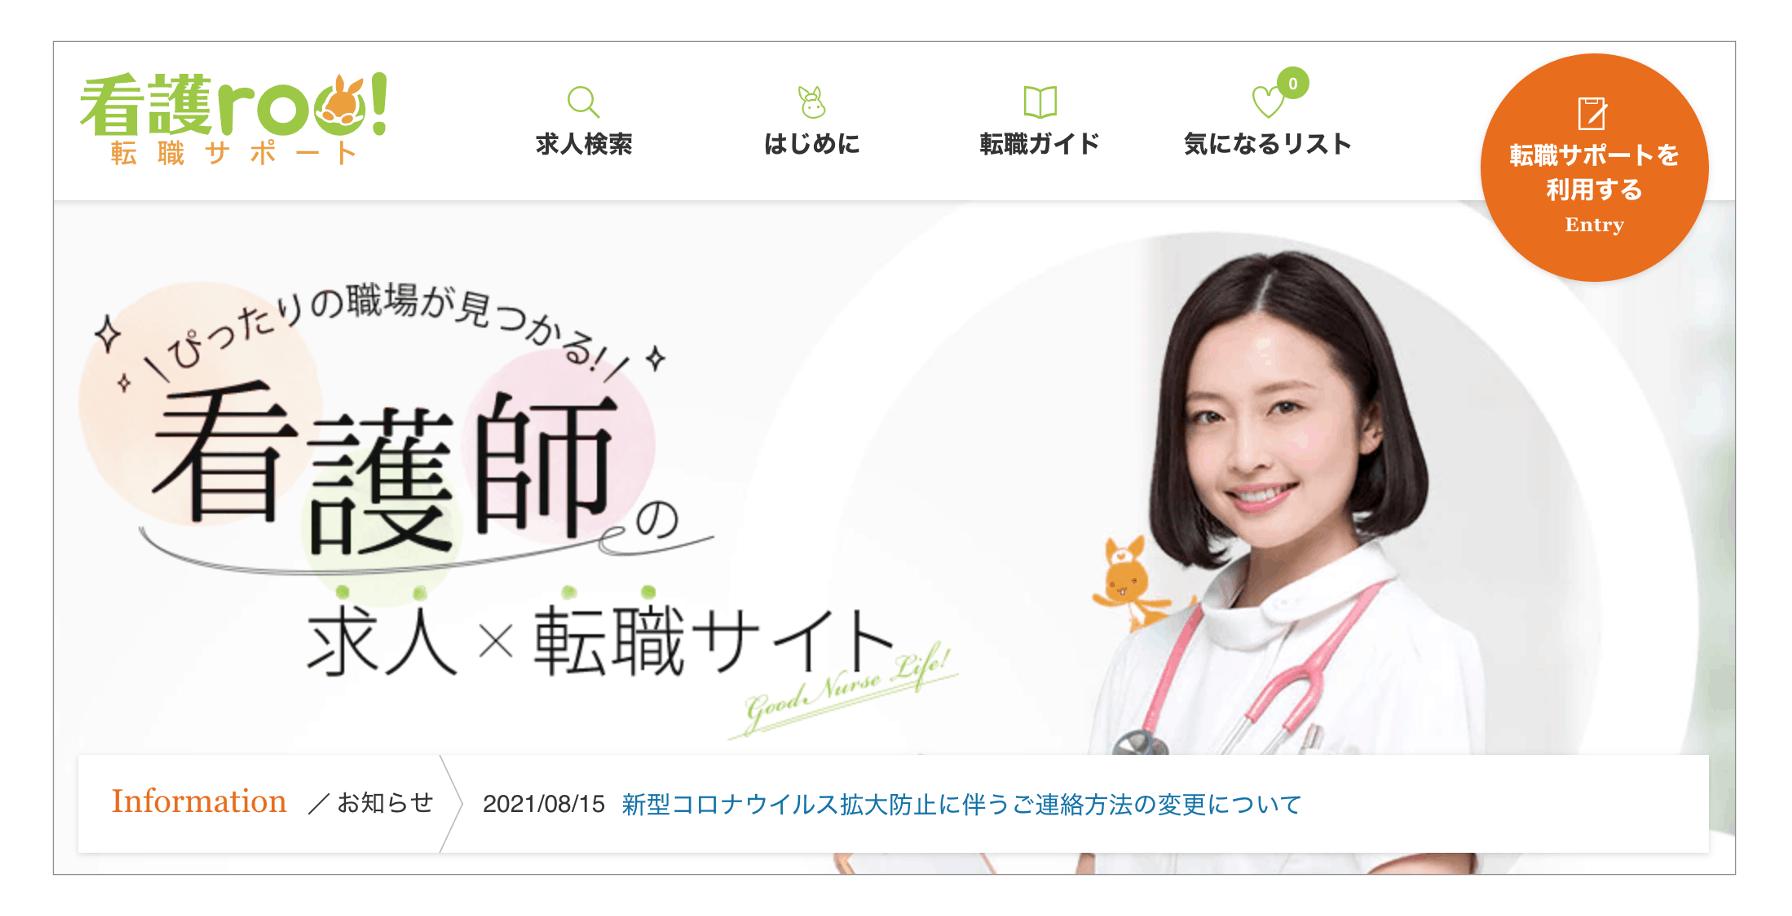 おすすめの転職サイト「看護roo!」